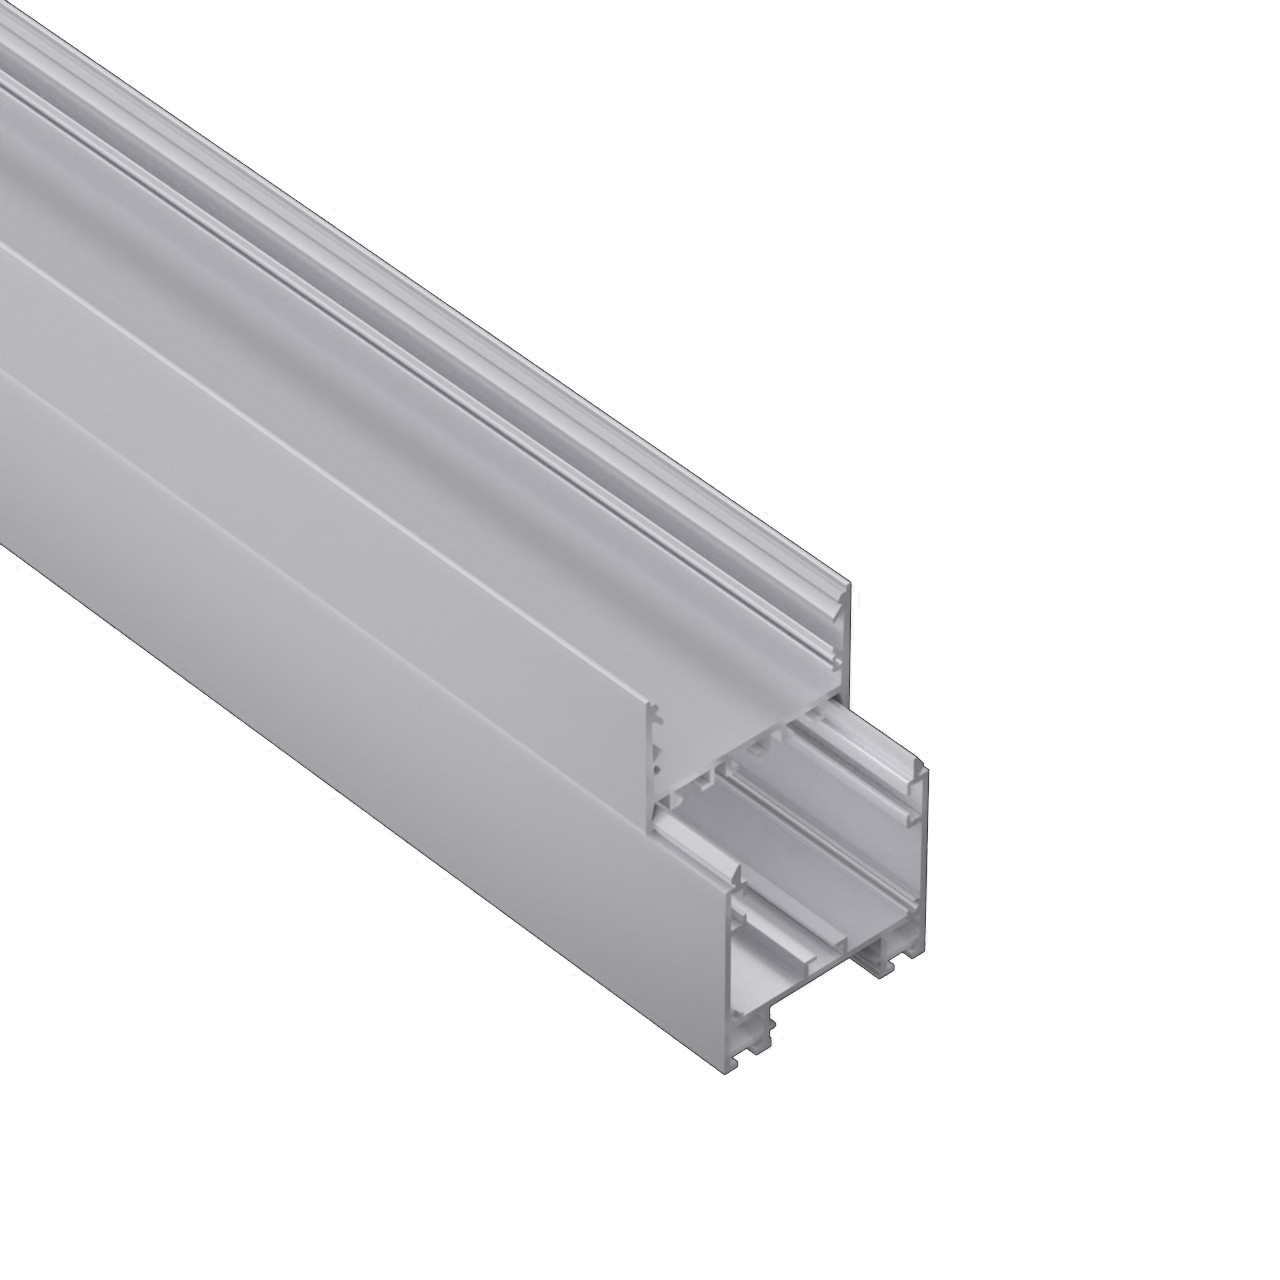 EH60 Led Aluminum Profile